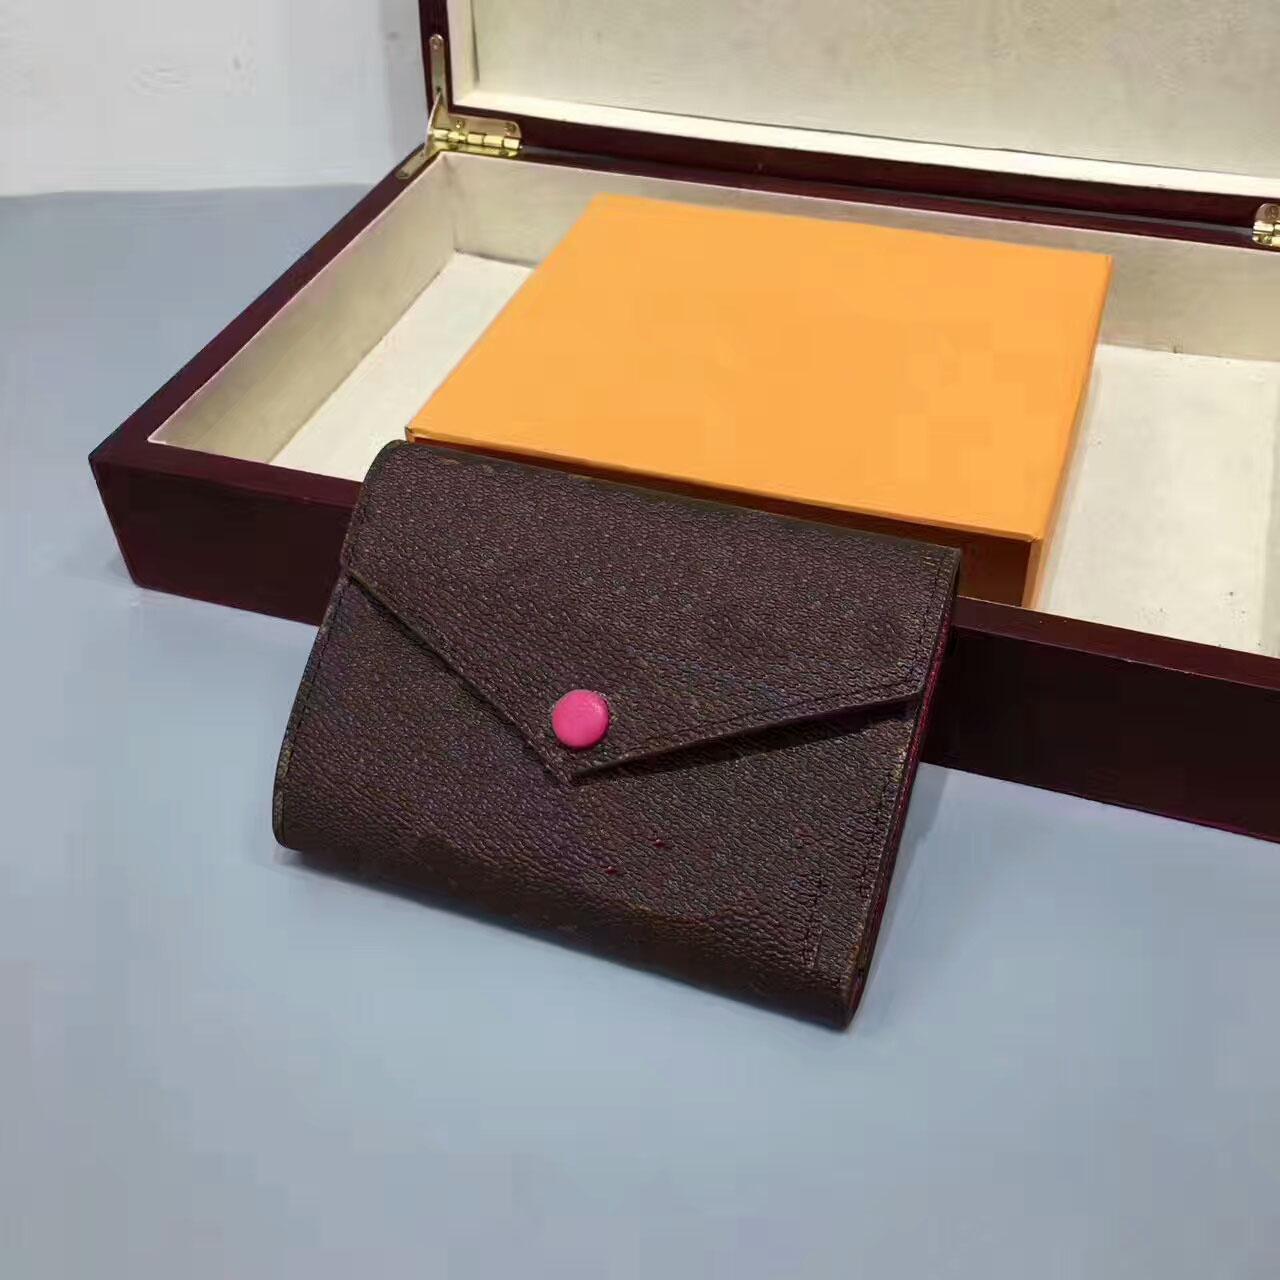 estilo clásico de las carpetas nuevas mujeres del botón moderna corto carteras monedero de la manera femenina EE.UU. bolsa de las mujeres del modelo del estilo L flor monederos con la caja